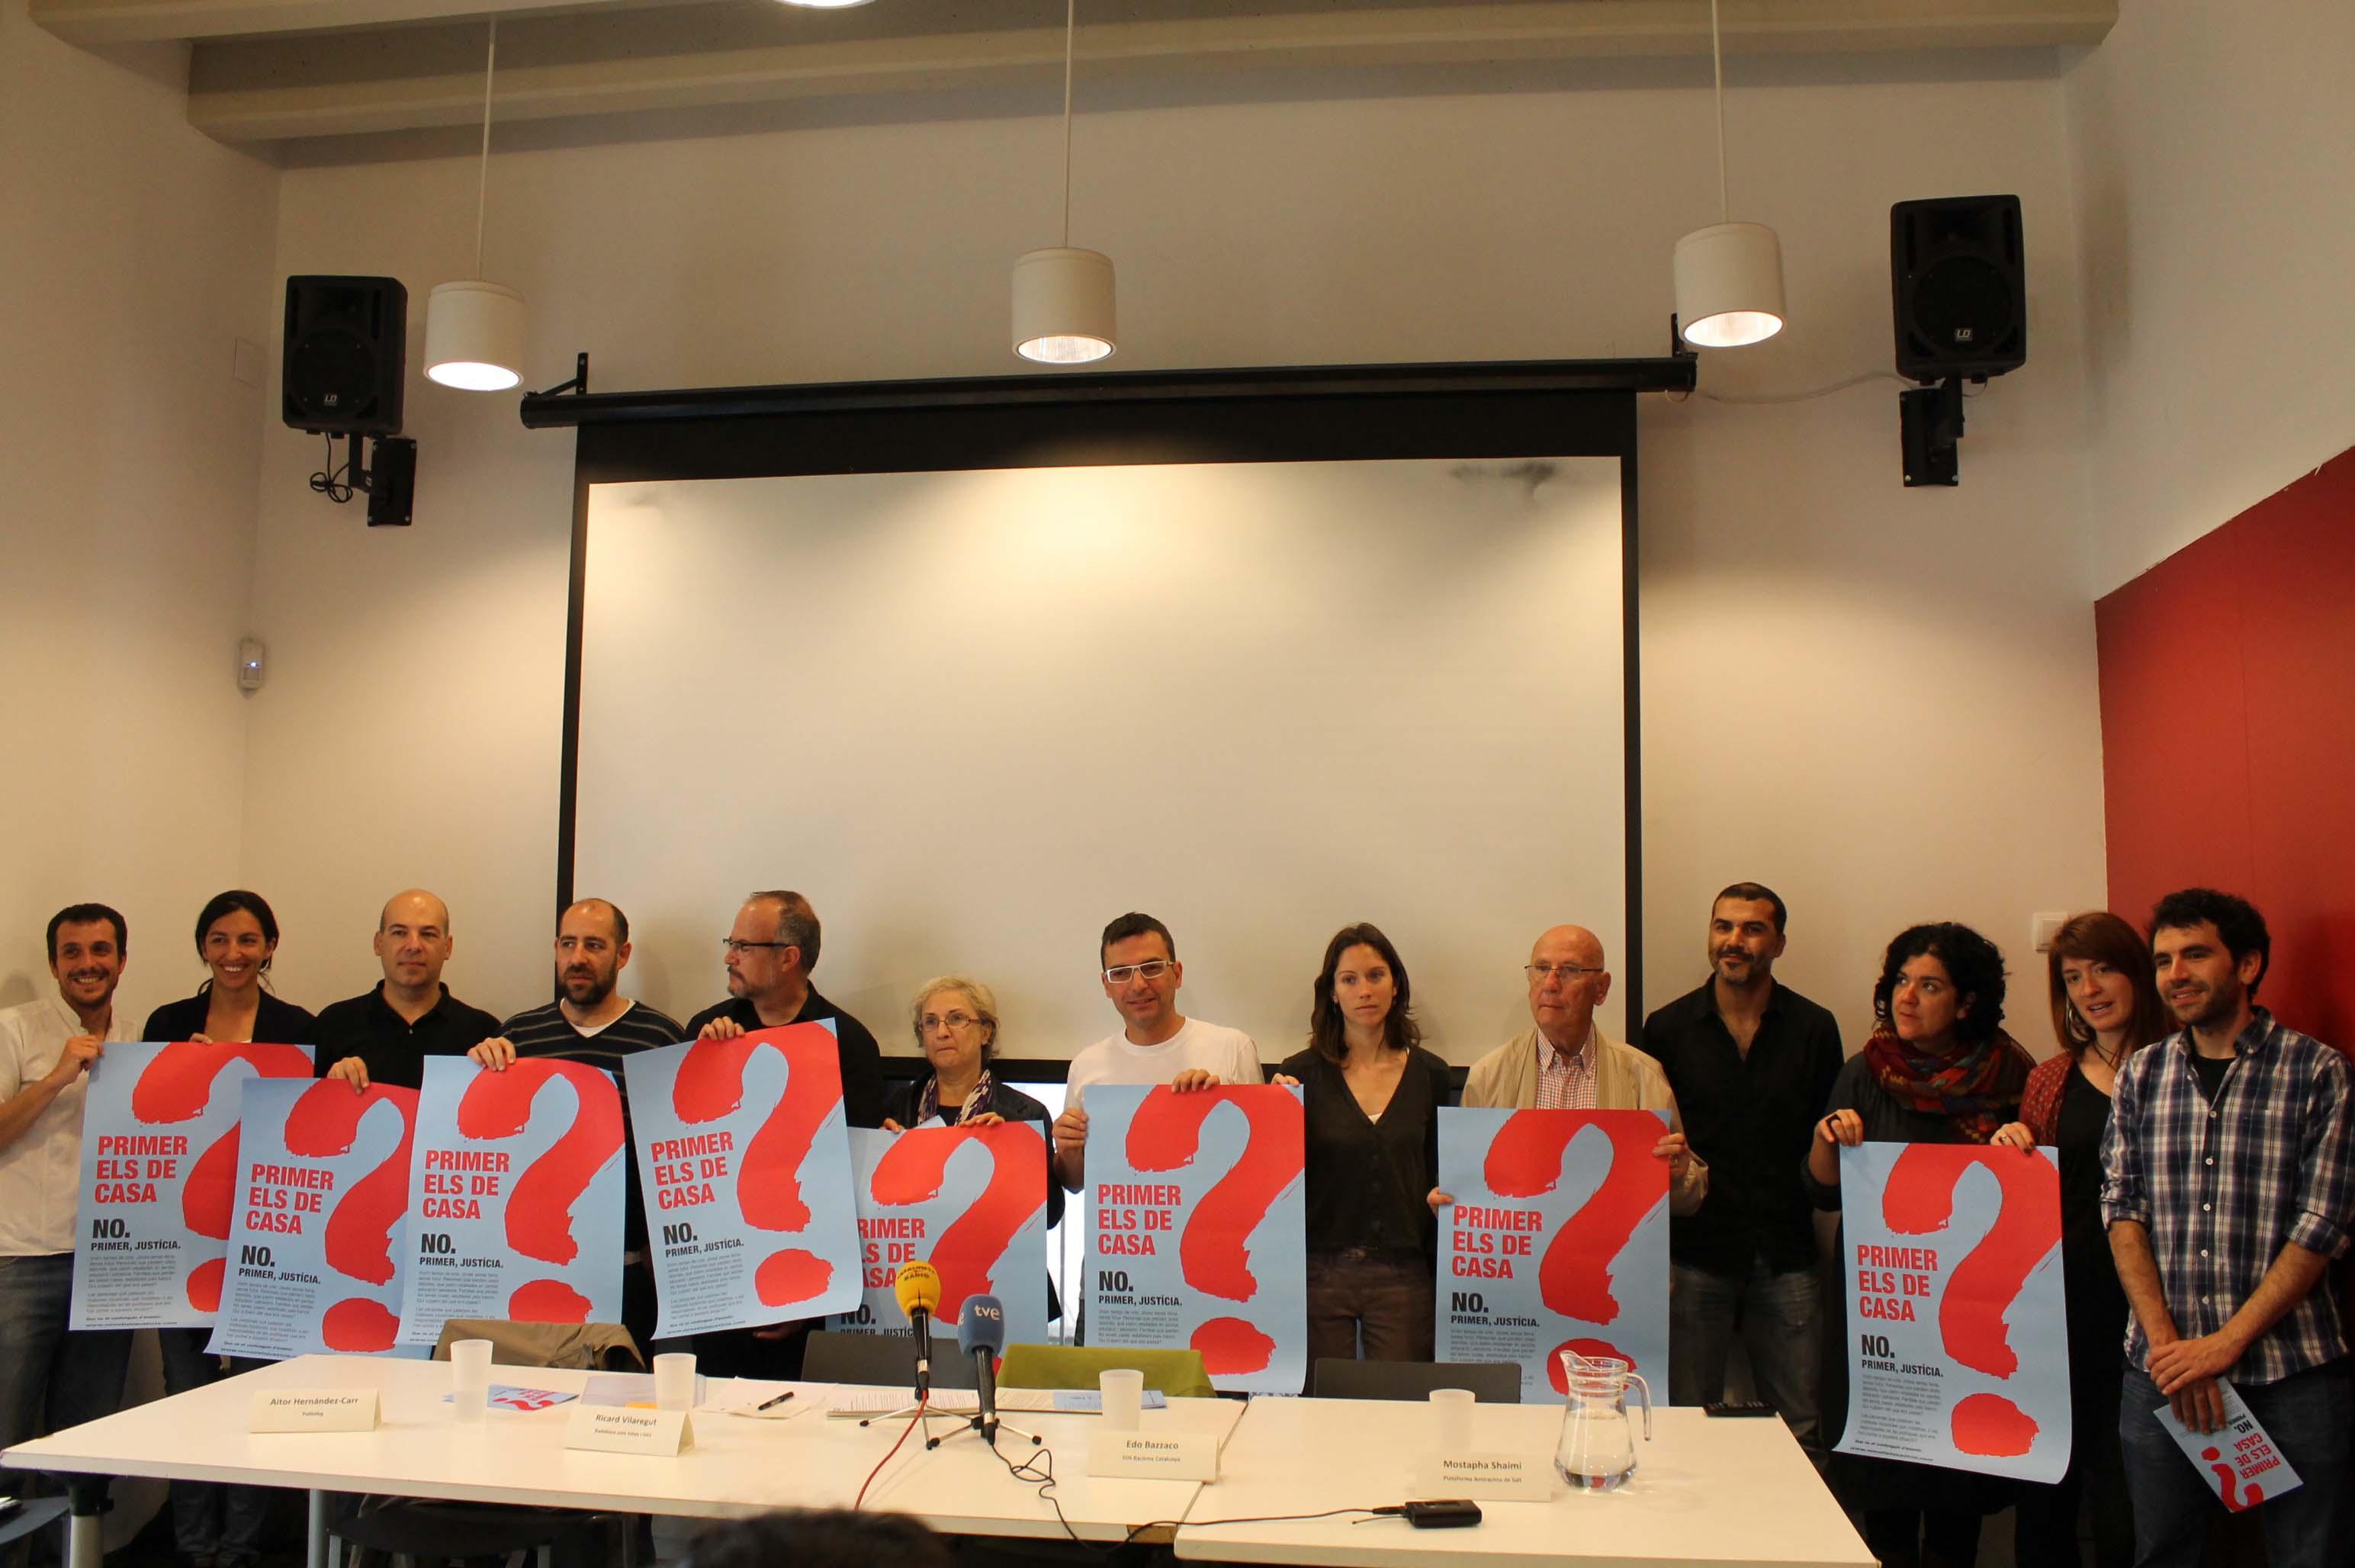 La societat civil engega una campanya antiracista per les eleccions europees